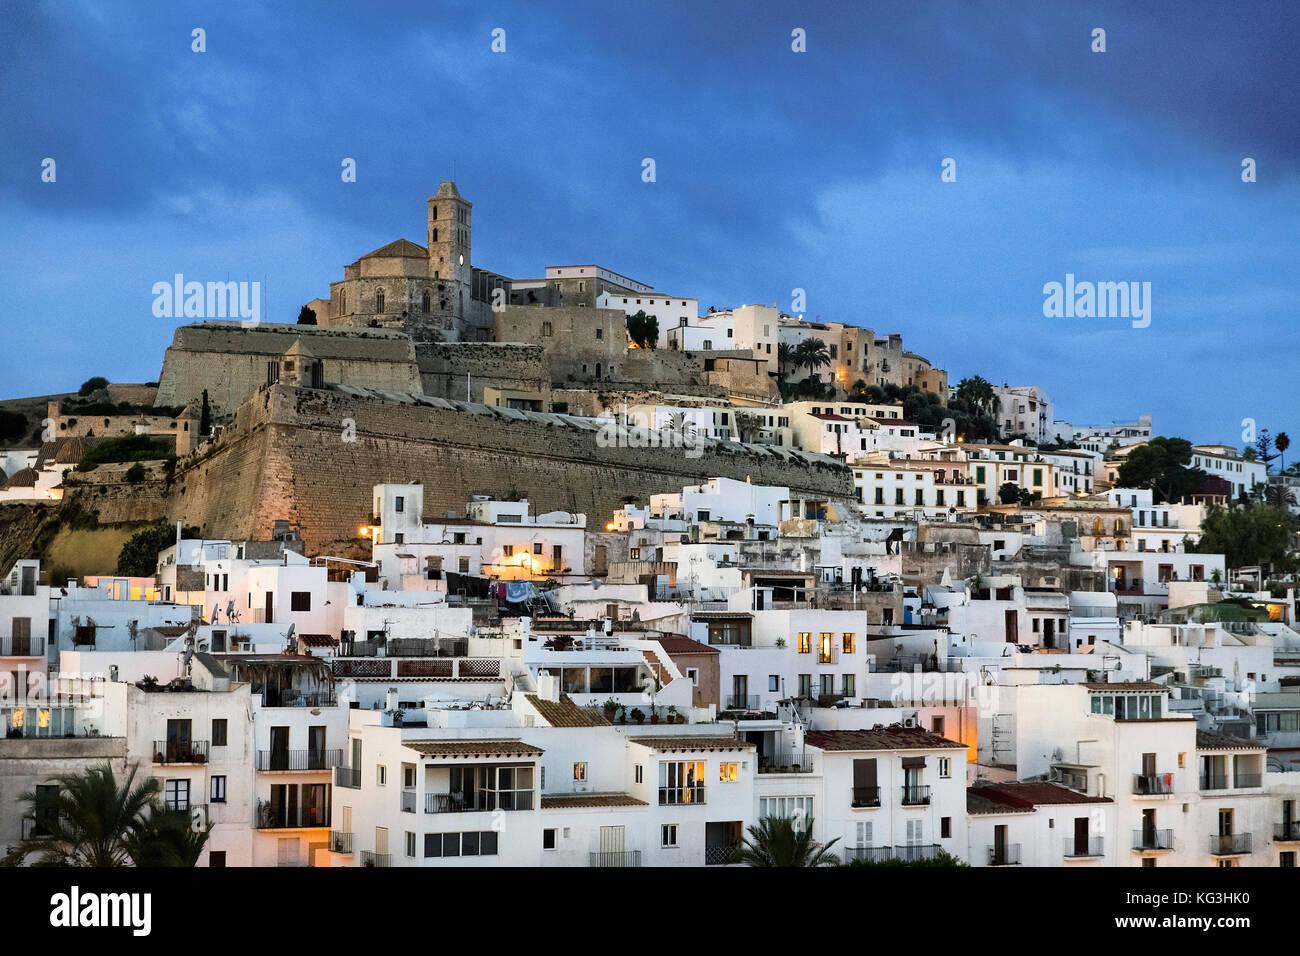 La città di Ibiza e la cattedrale di santa maria d'Eivissa, ibiza, isole Baleari, Spagna. Immagini Stock